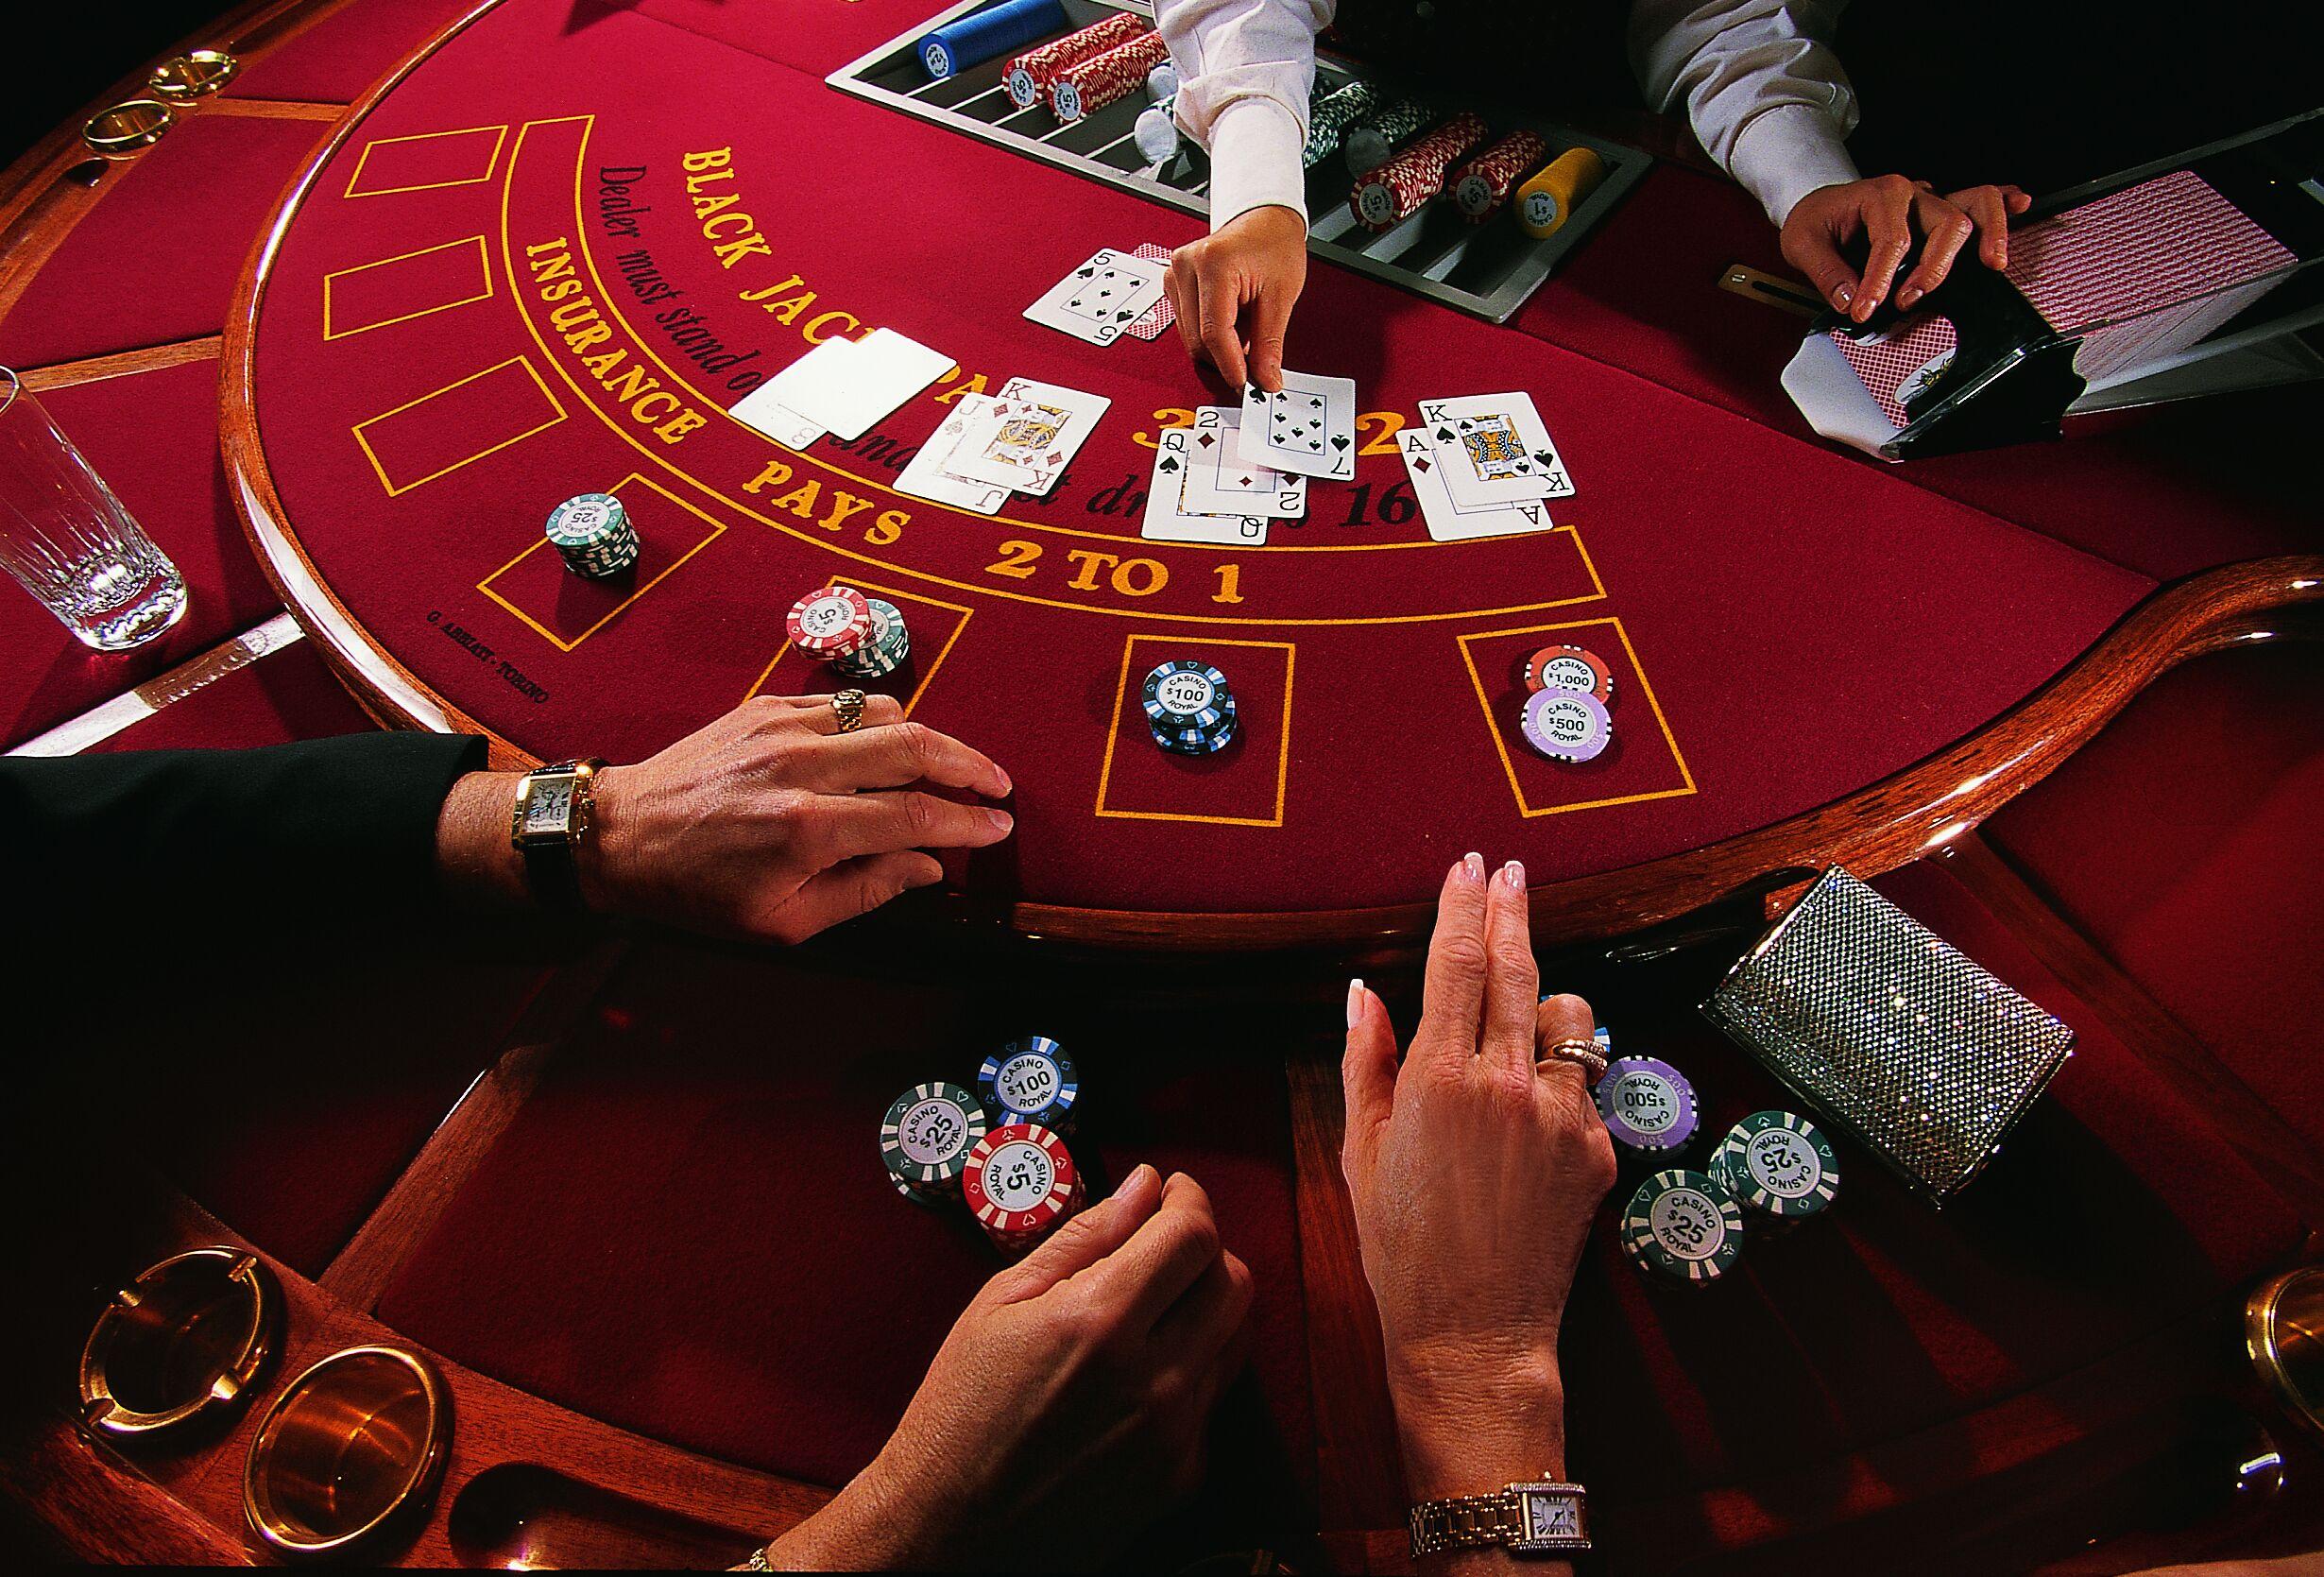 Casino NordicBet futbol luckia apuestas-498481